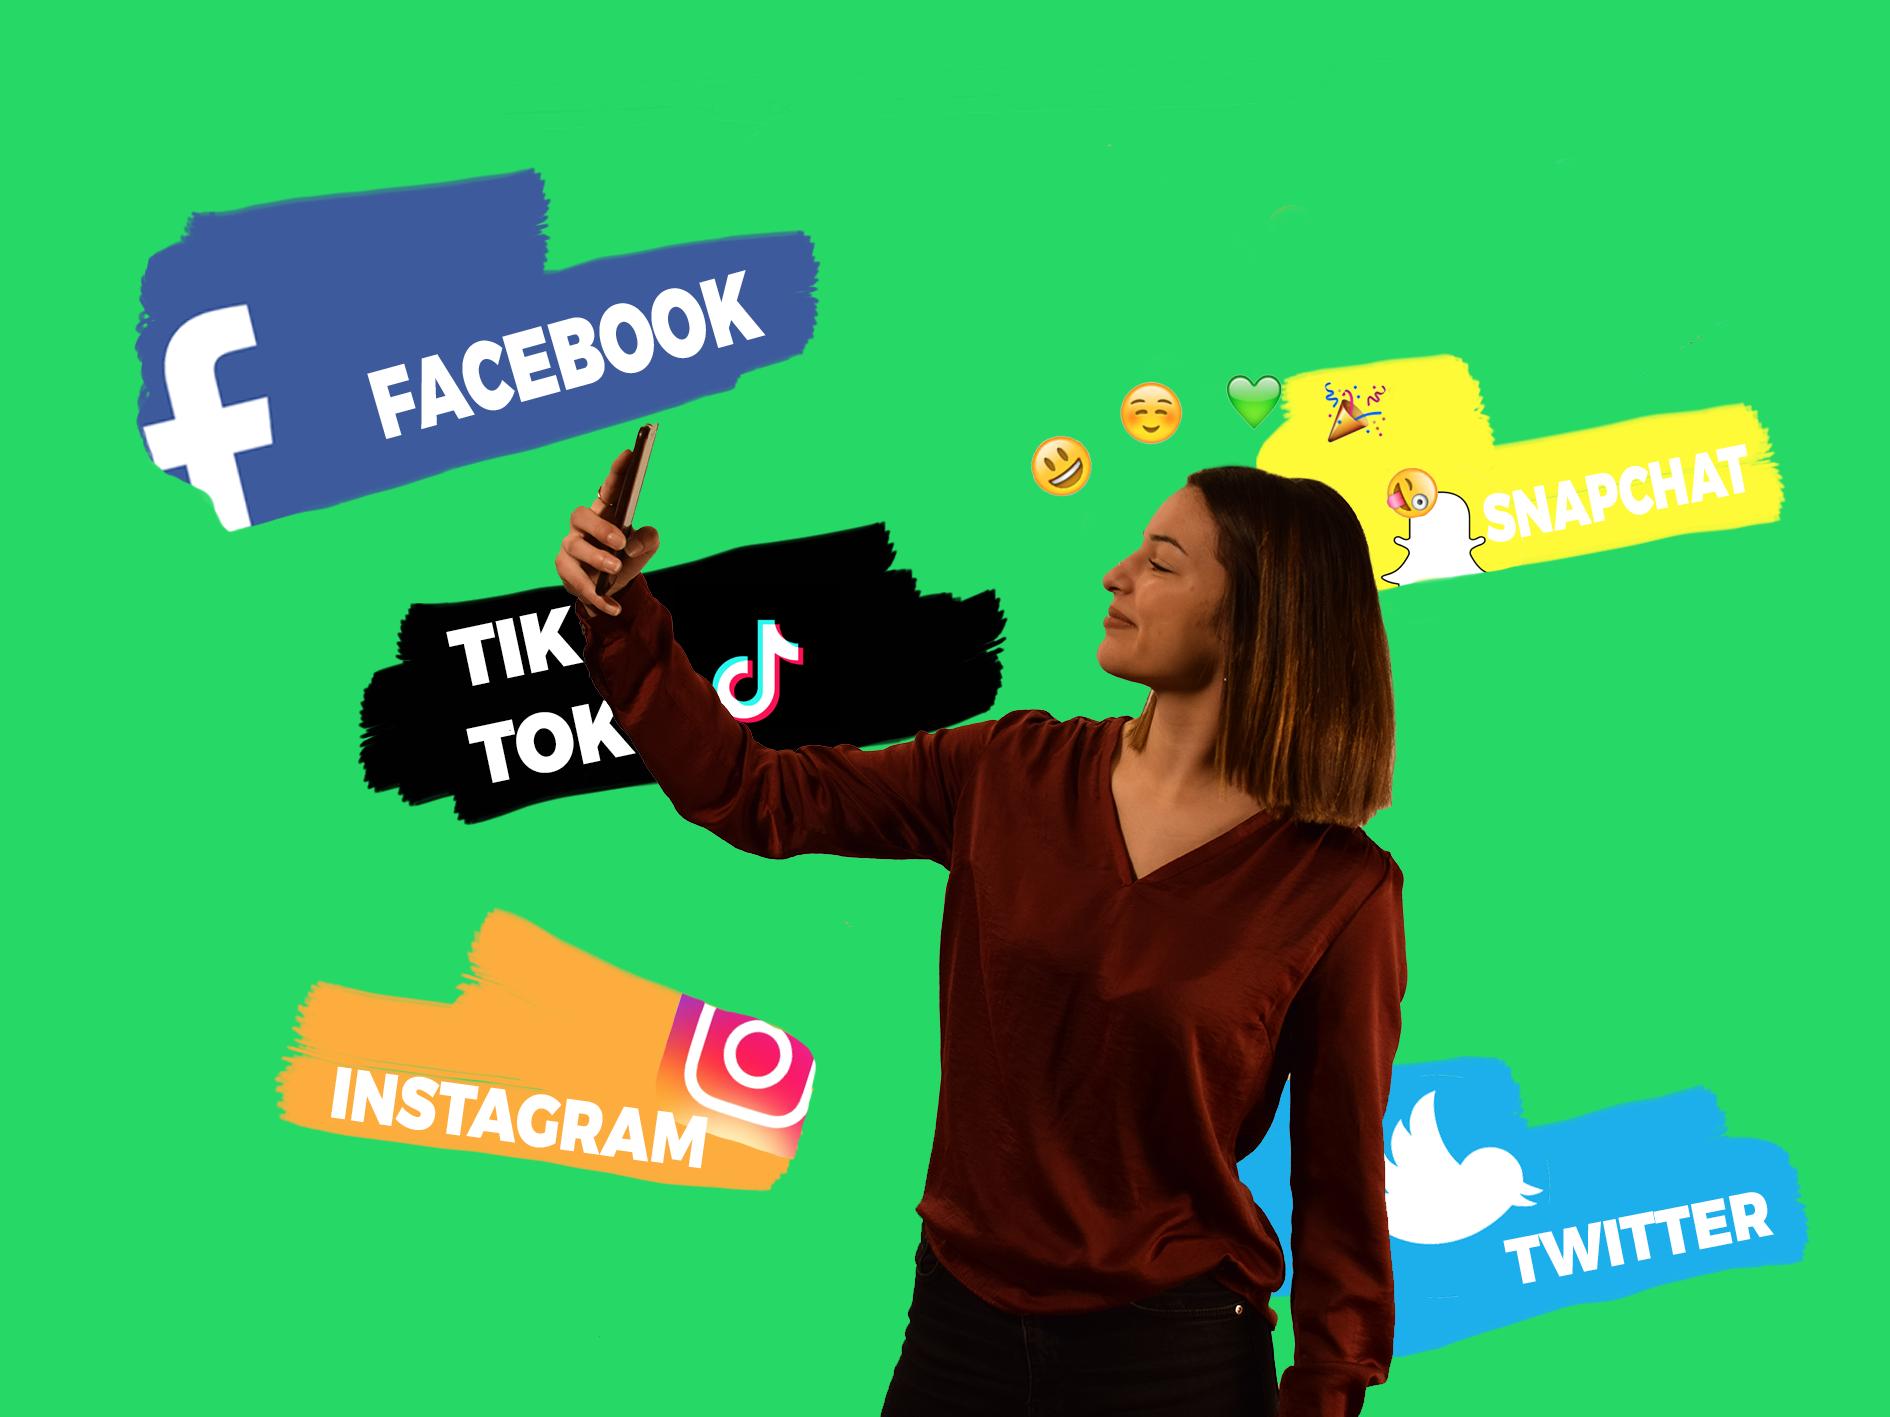 20 ans, addicte aux réseaux sociaux ?